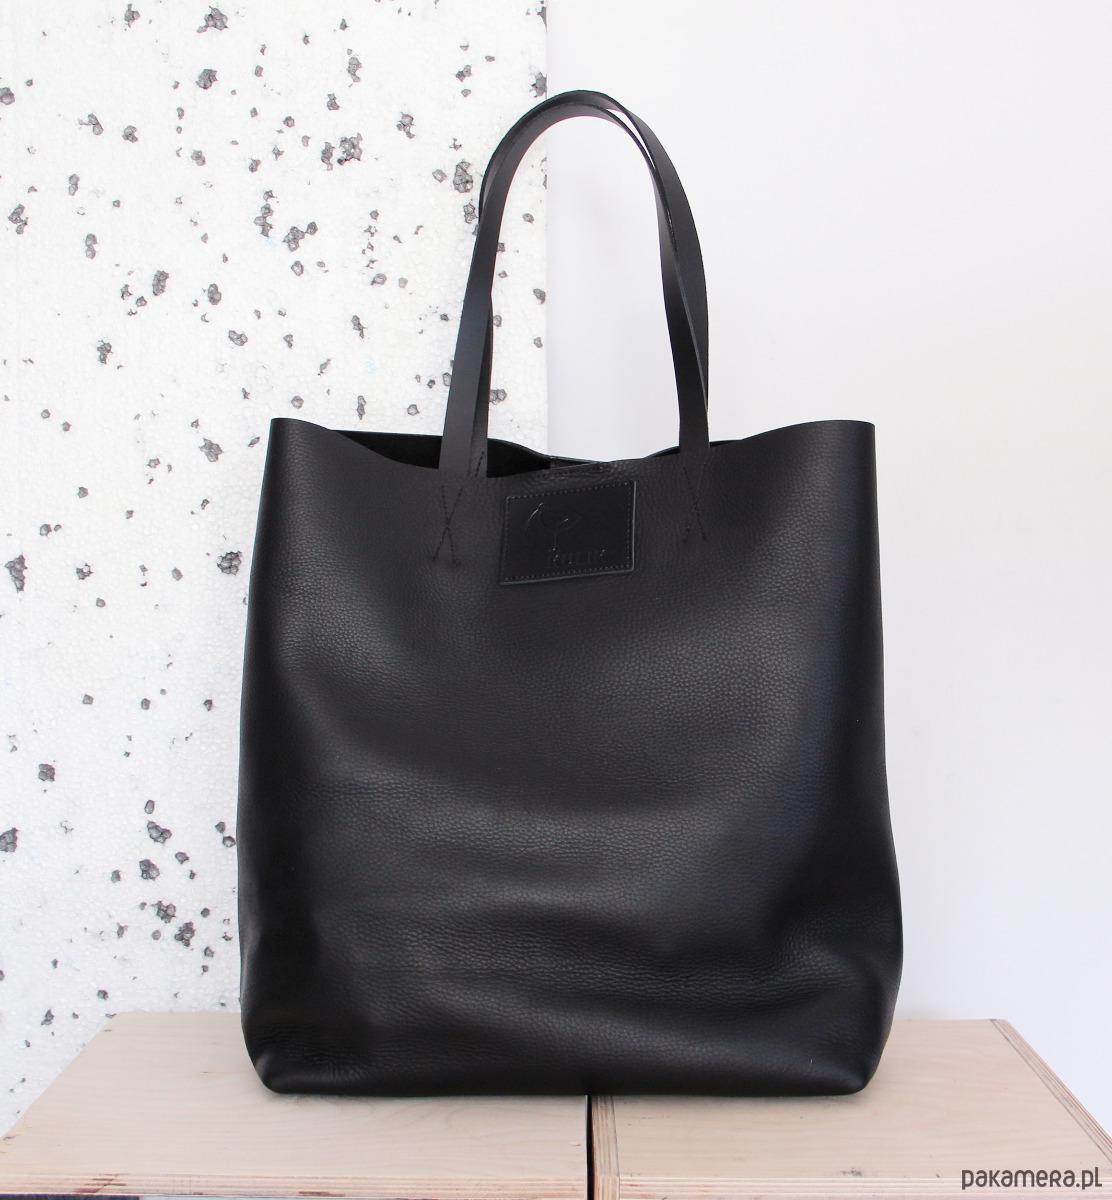 5f573b9ec0ae2 Torba ze skóry Sugar Shopper czarna z nitami - torby na ramię ...